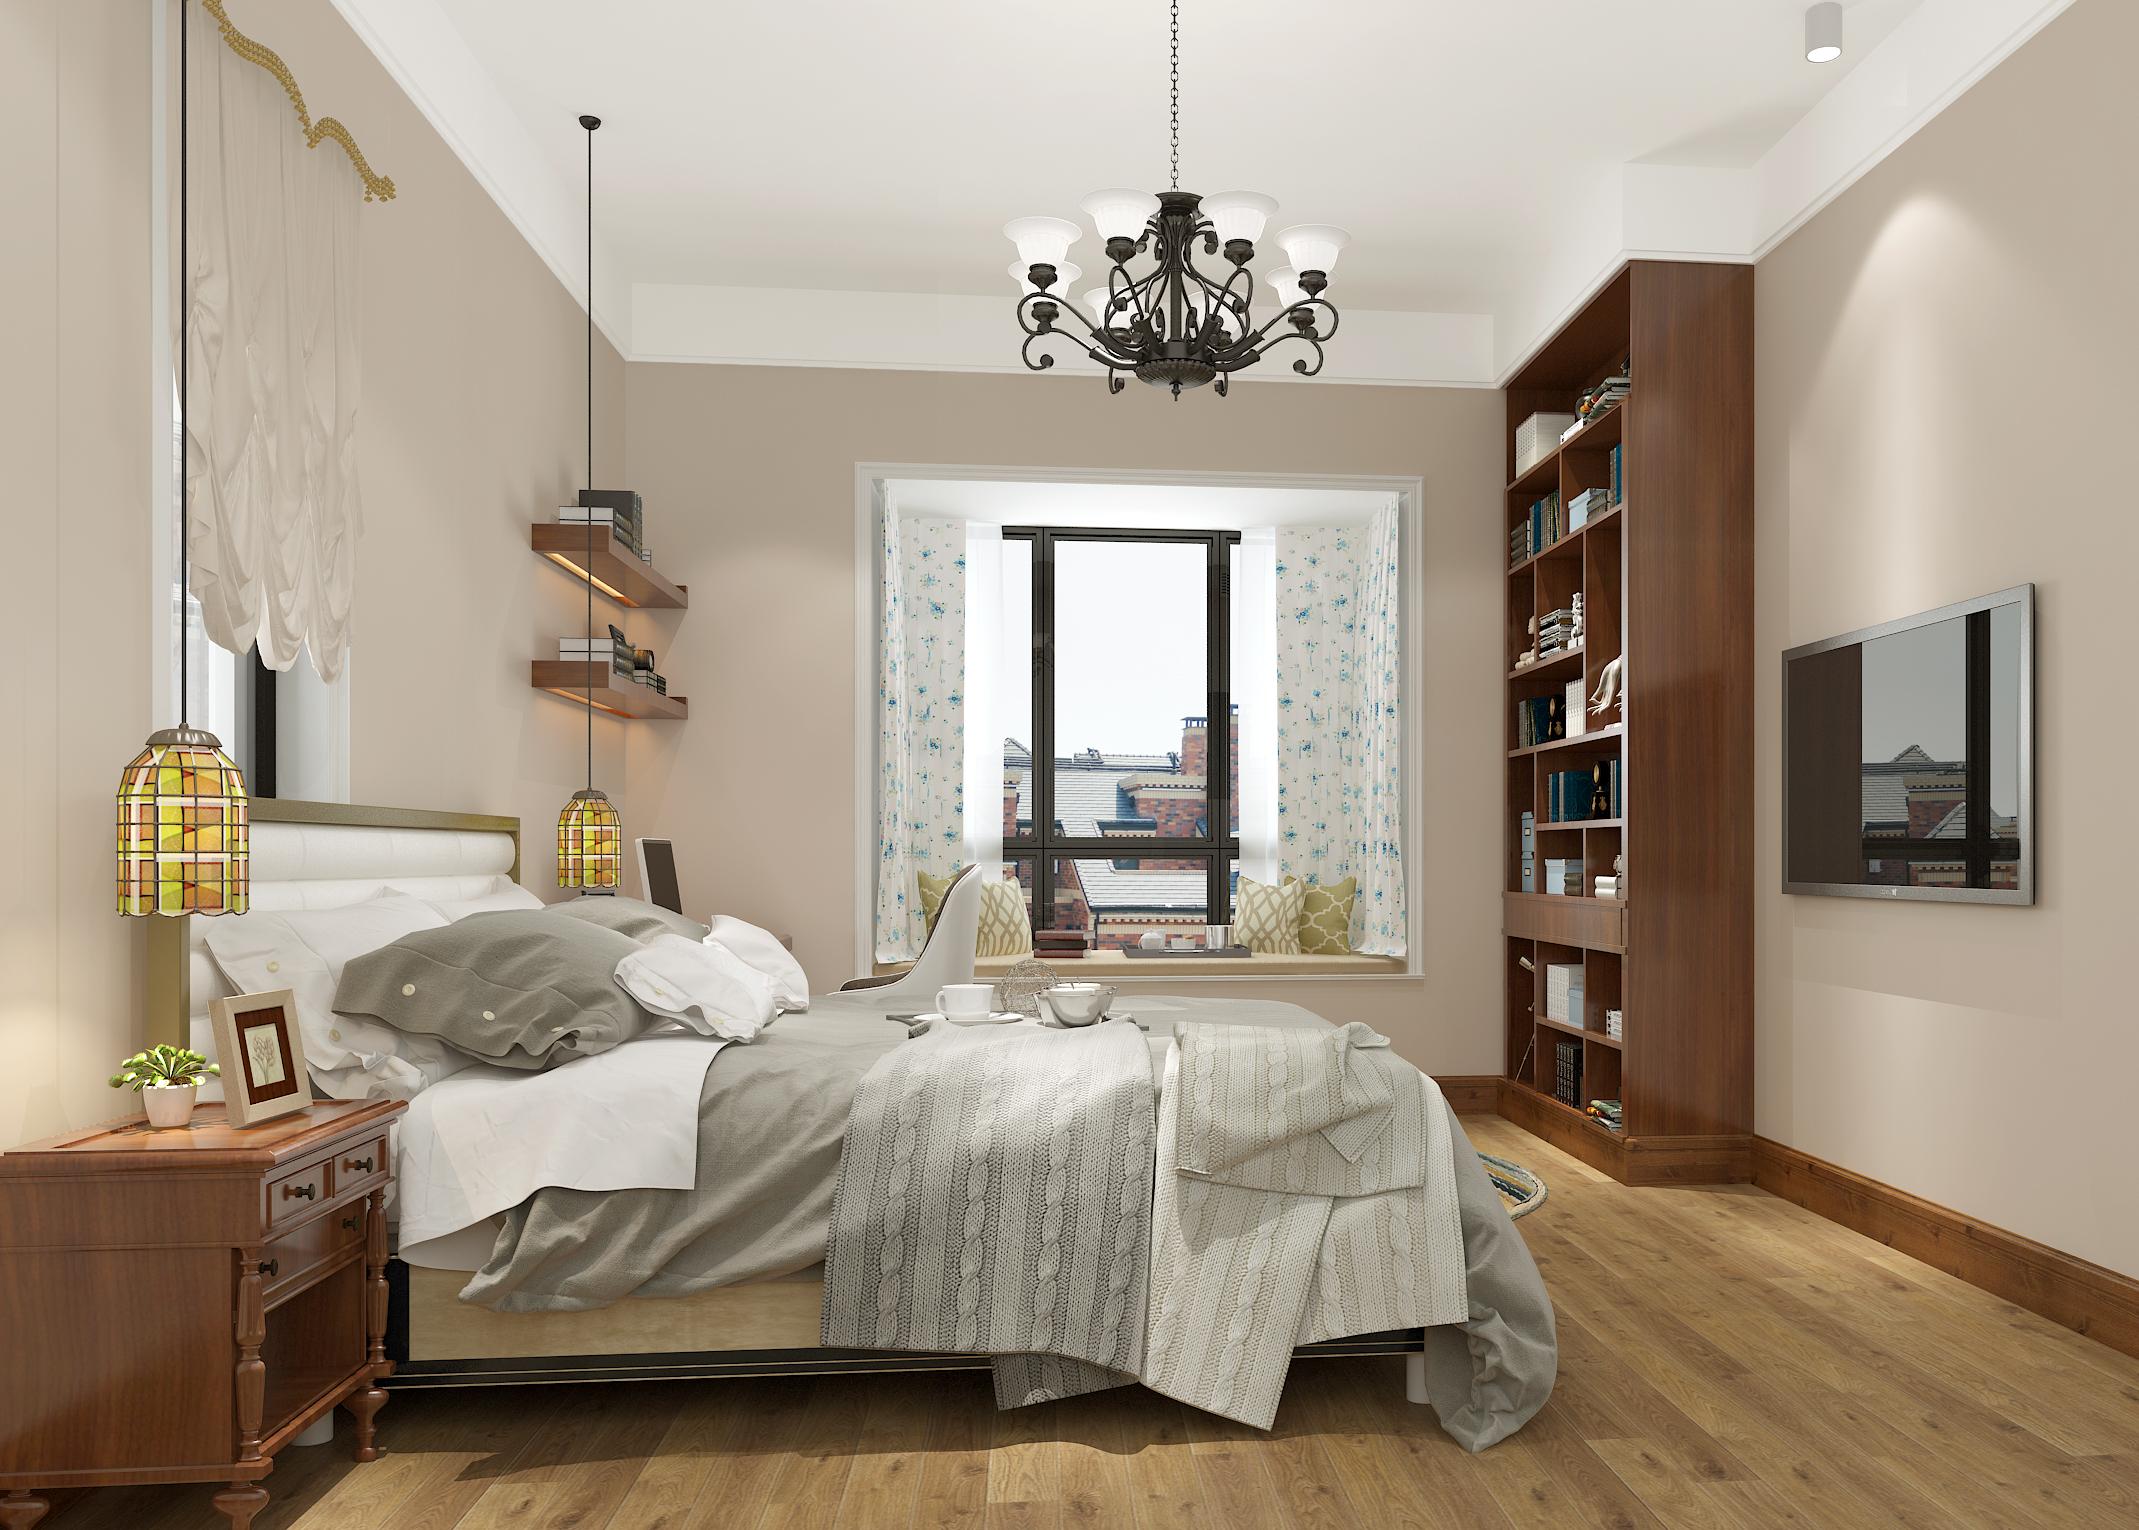 别墅 白领 收纳 80后 小资 美式 经典 卧室图片来自林上淮·圣奇凯尚装饰在经典美式别墅·上城郡林上淮的分享